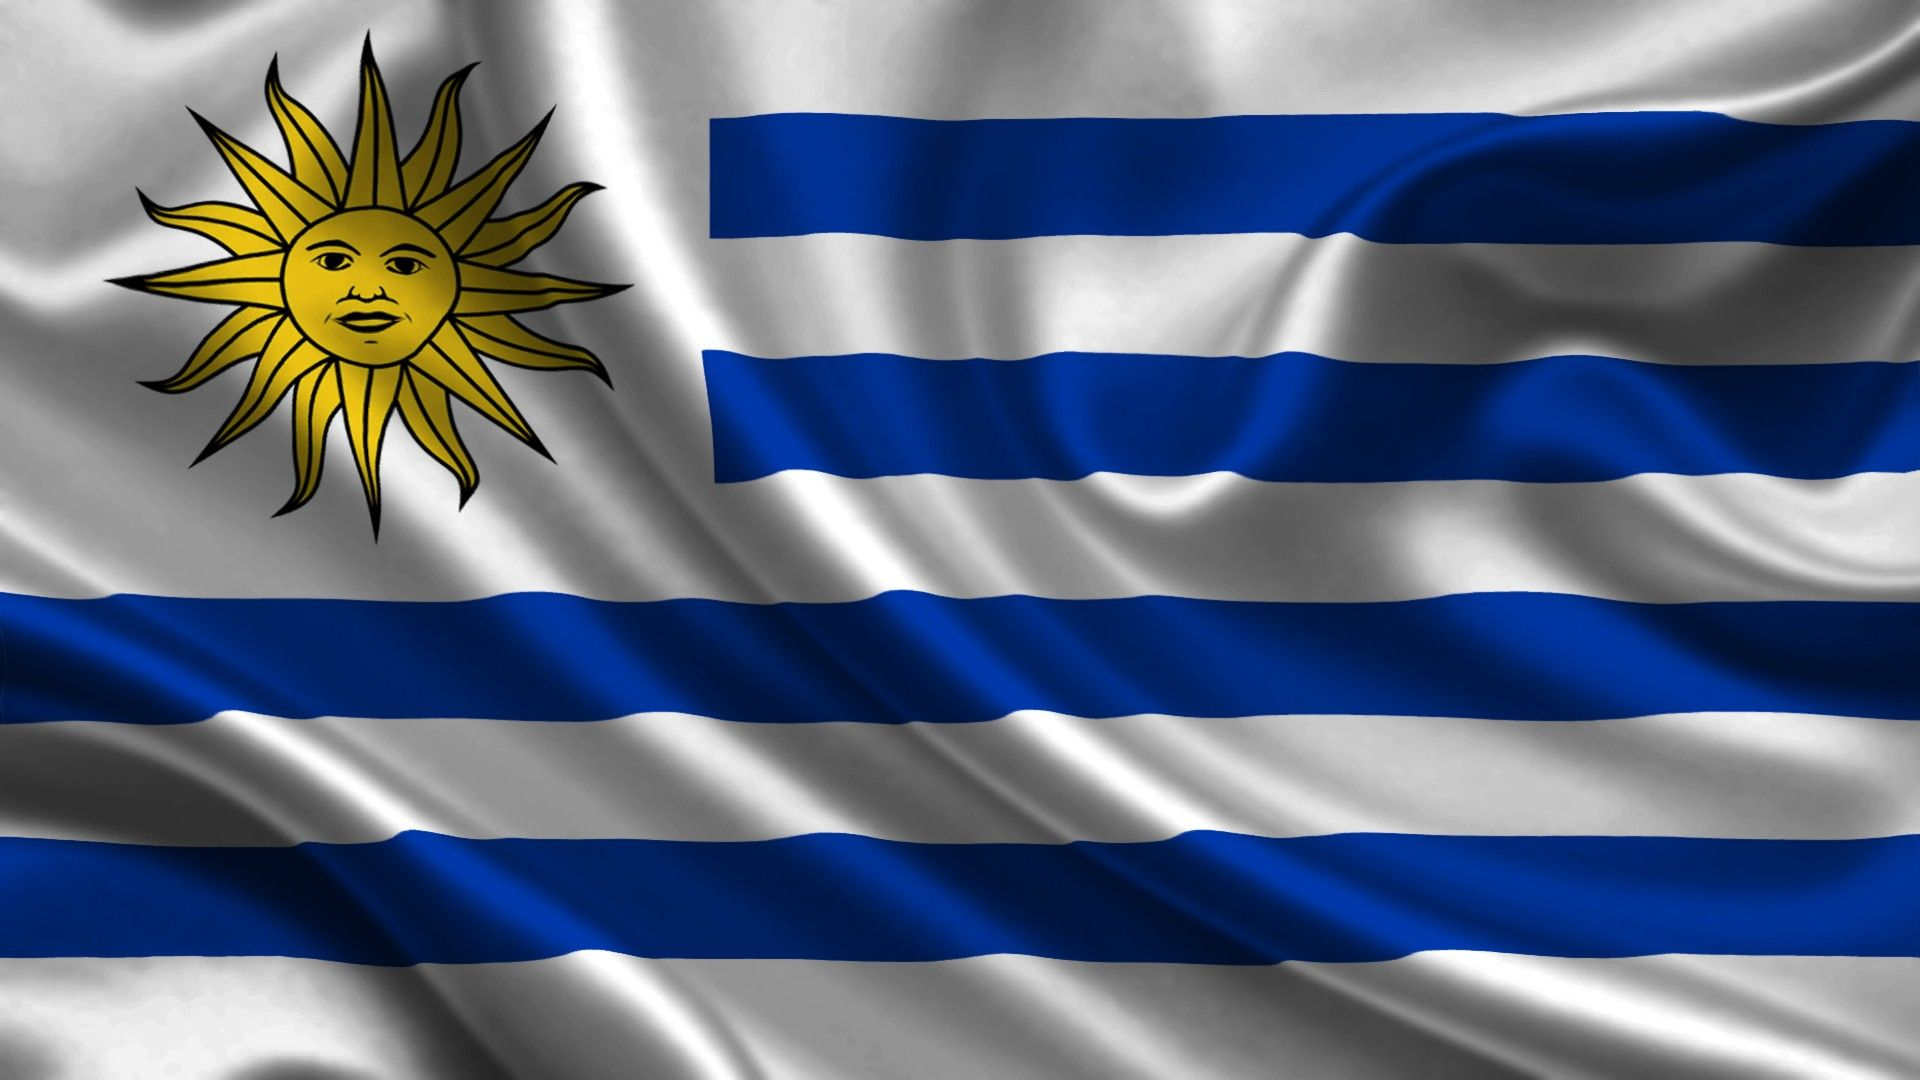 Flag Of Uruguay Wallpaper Flags Wallpaper Pinterest Uruguay - Uruguay flag